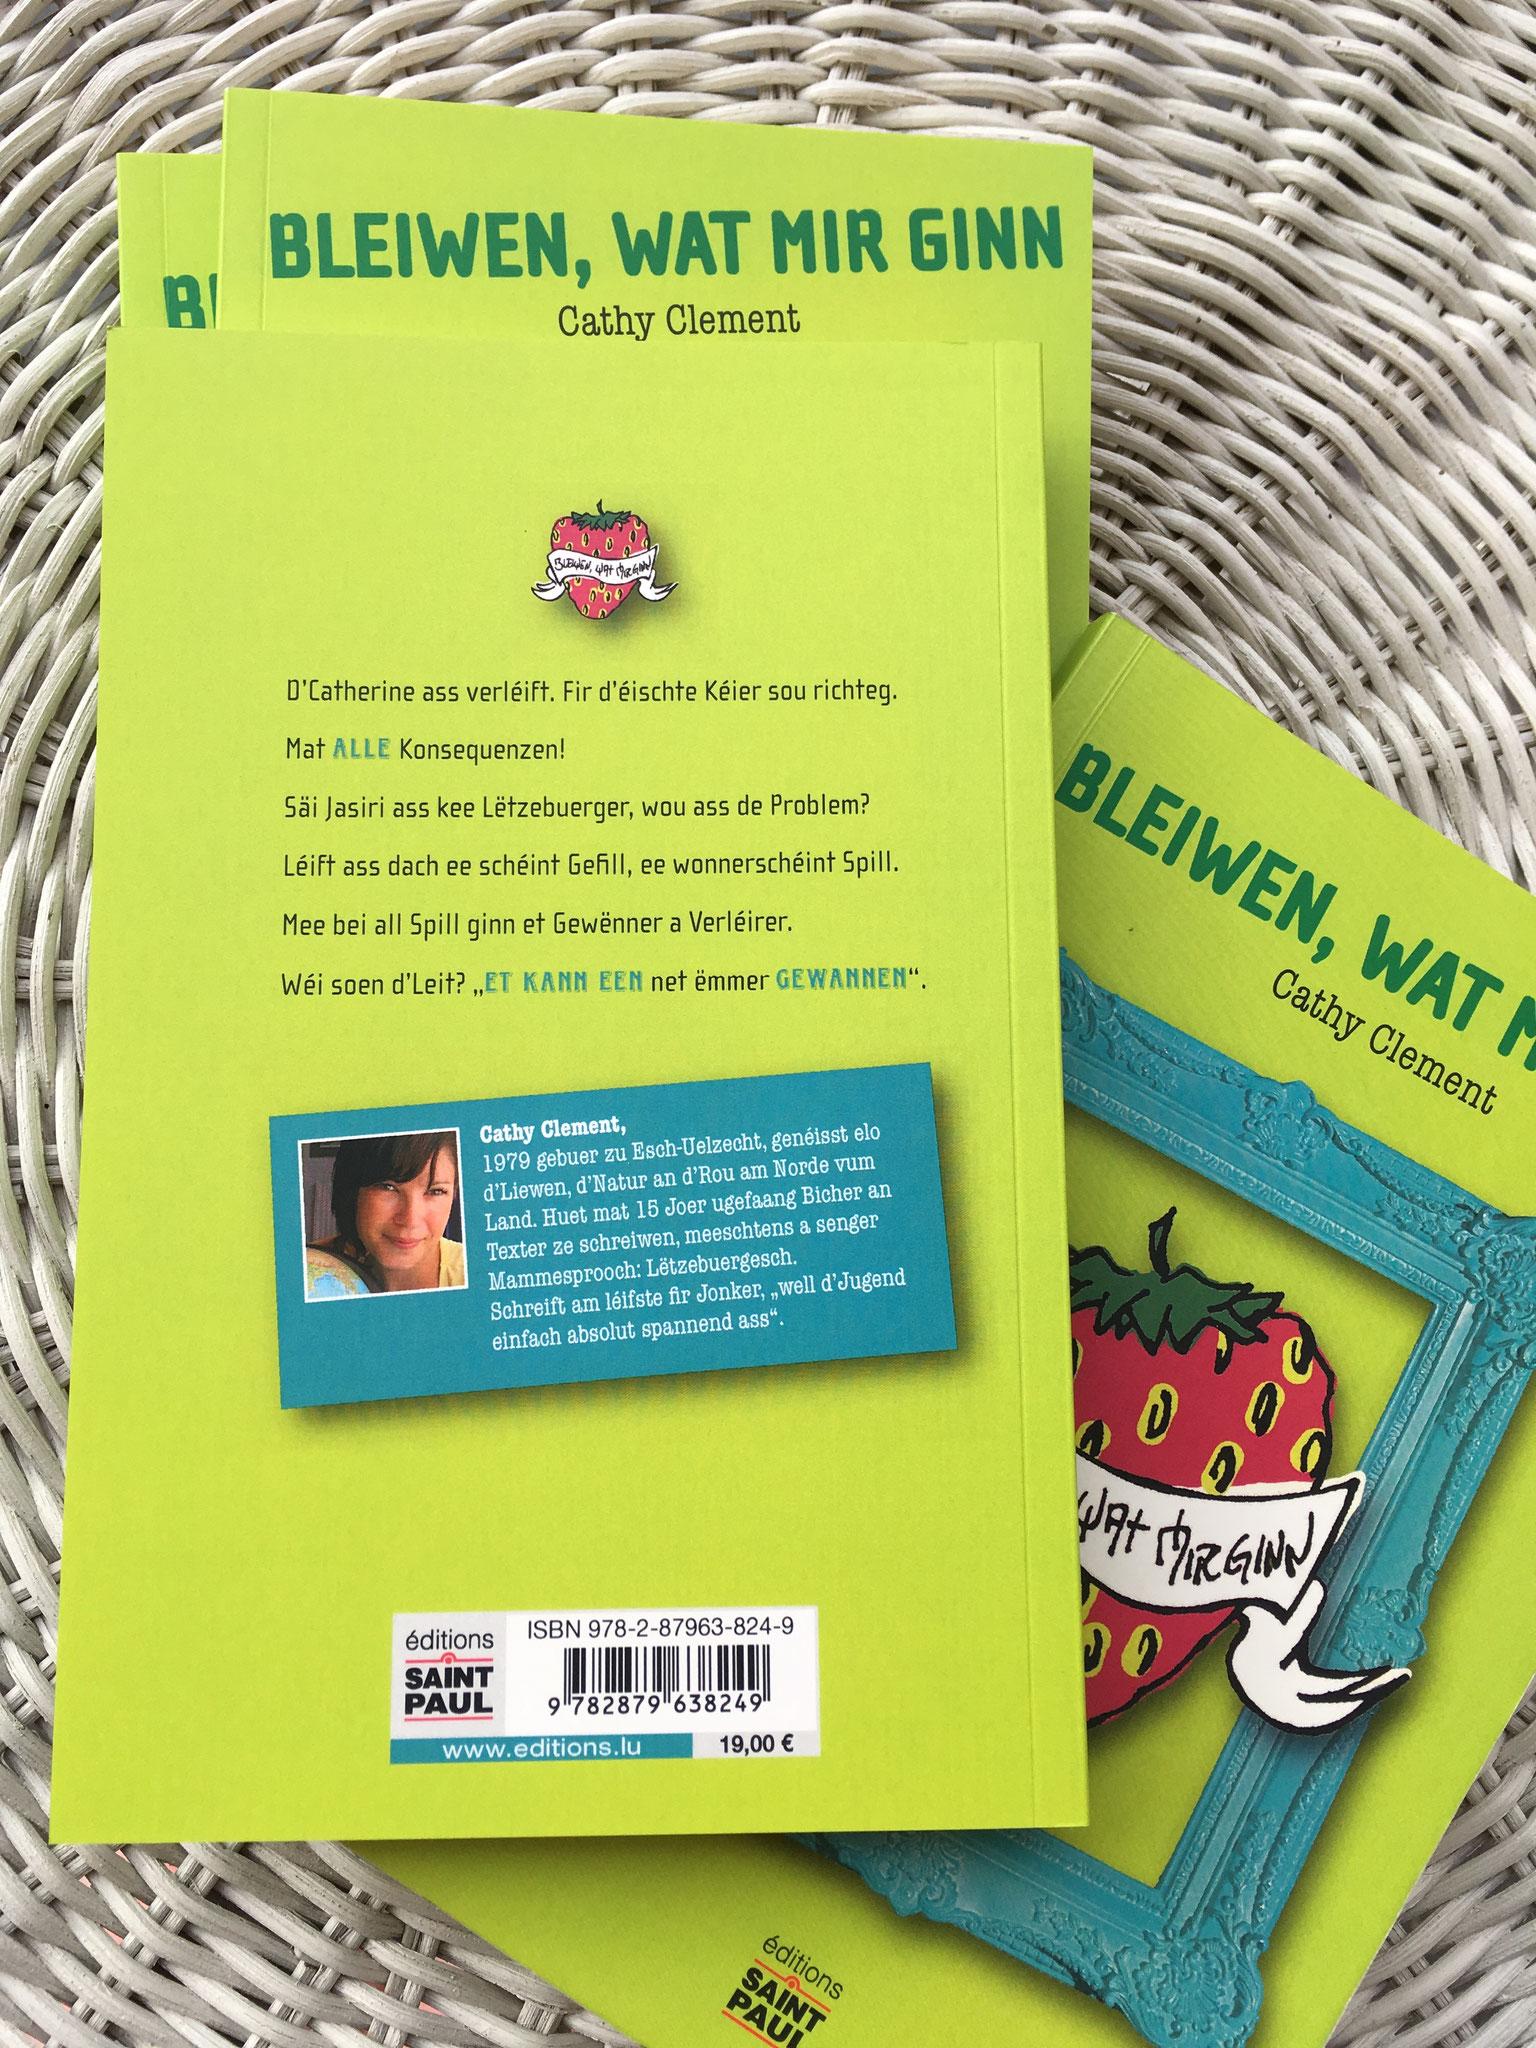 Bleiwen, wat mir ginn - Cathy Clement - Editions St Paul